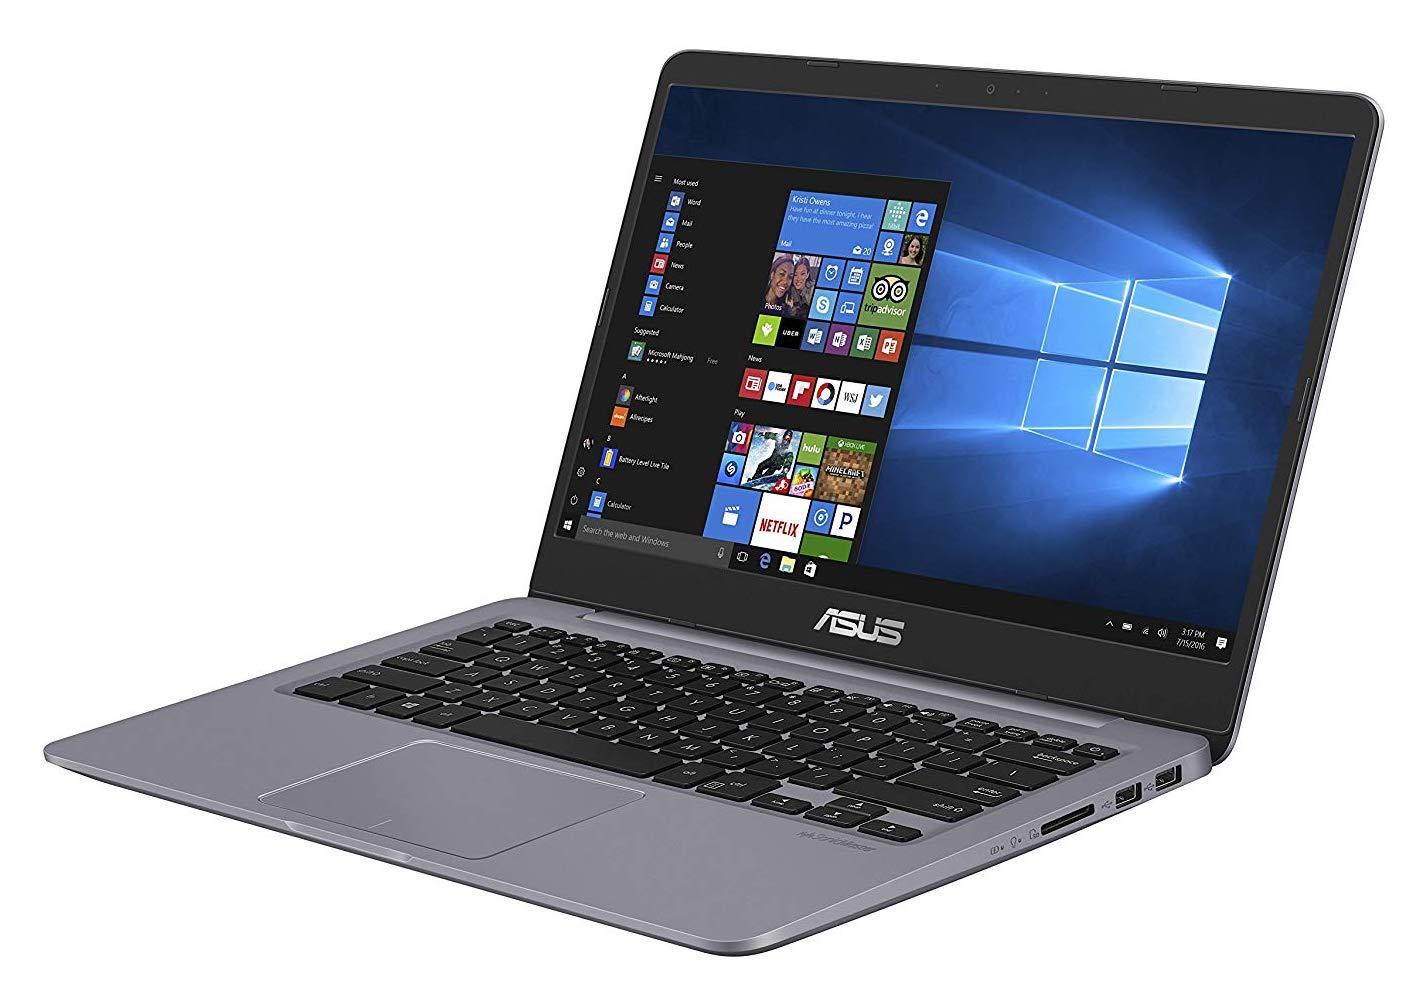 Asus Vivobook S401UA-BV664T, ultrabook 14 pouces SSD 256 Go (469€)